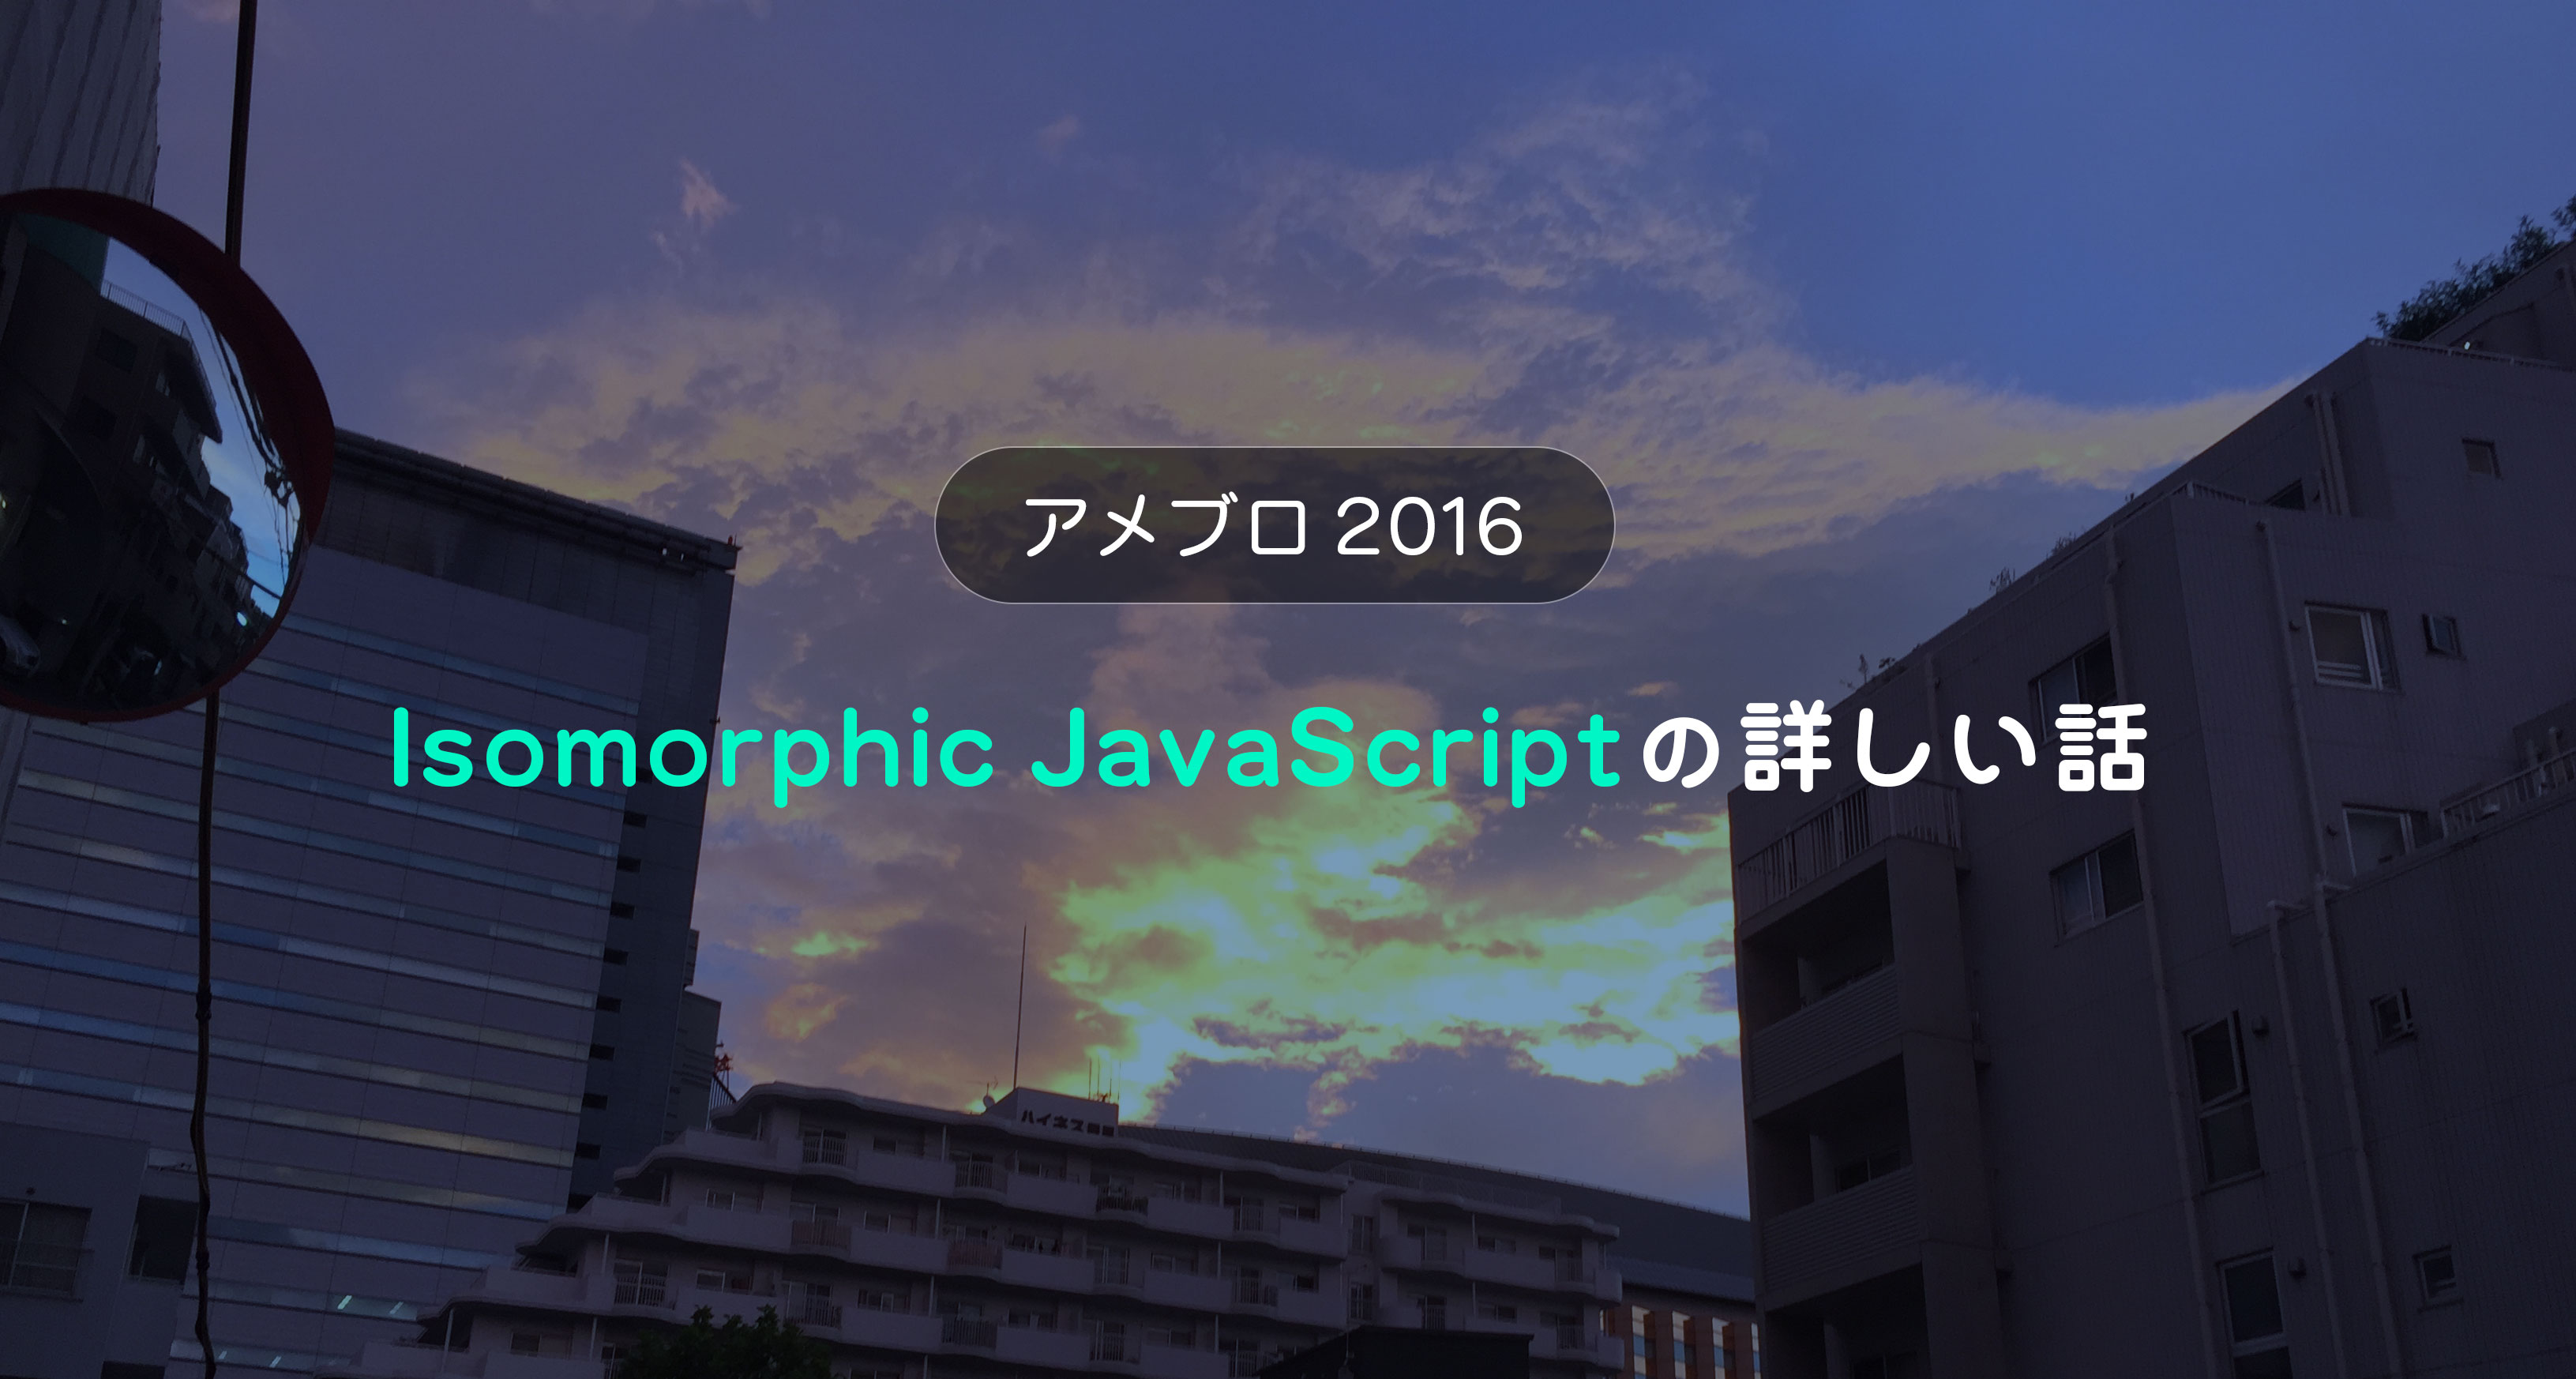 アメブロ2016 ~ Isomorphic JavaScriptの詳しい話